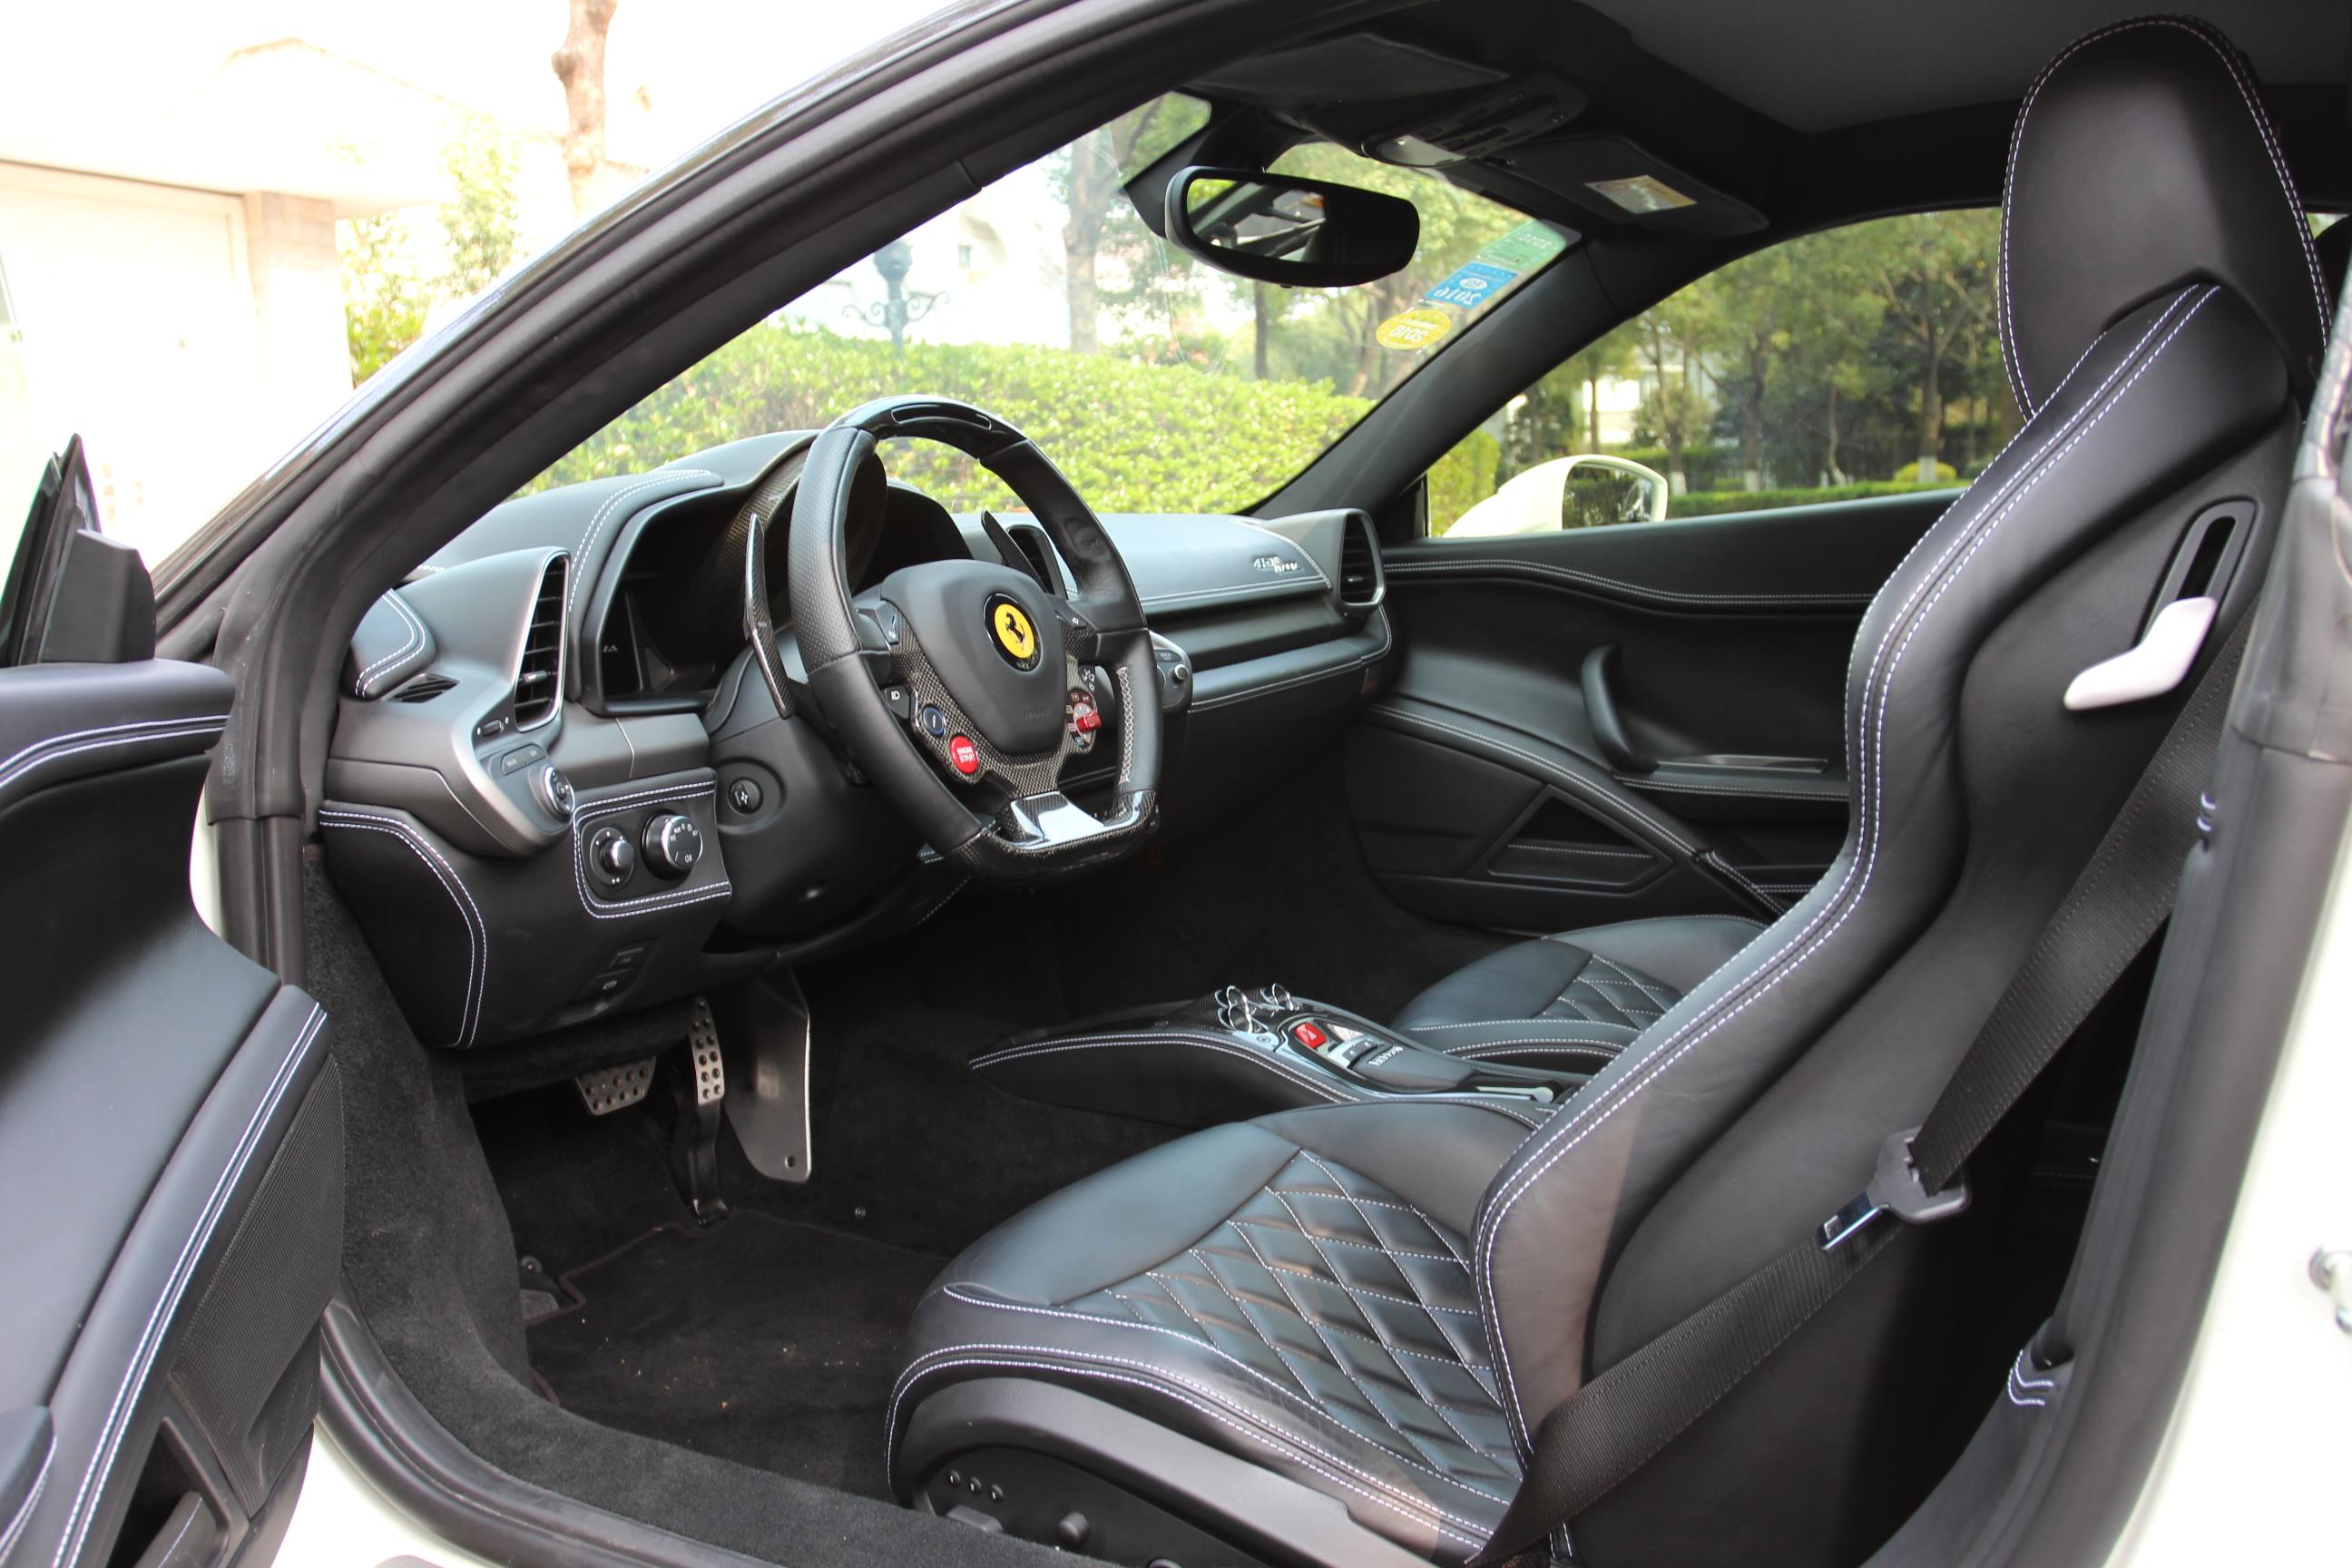 车身内饰干净整洁 法拉利 458 2011款 4.5 ita高清图片